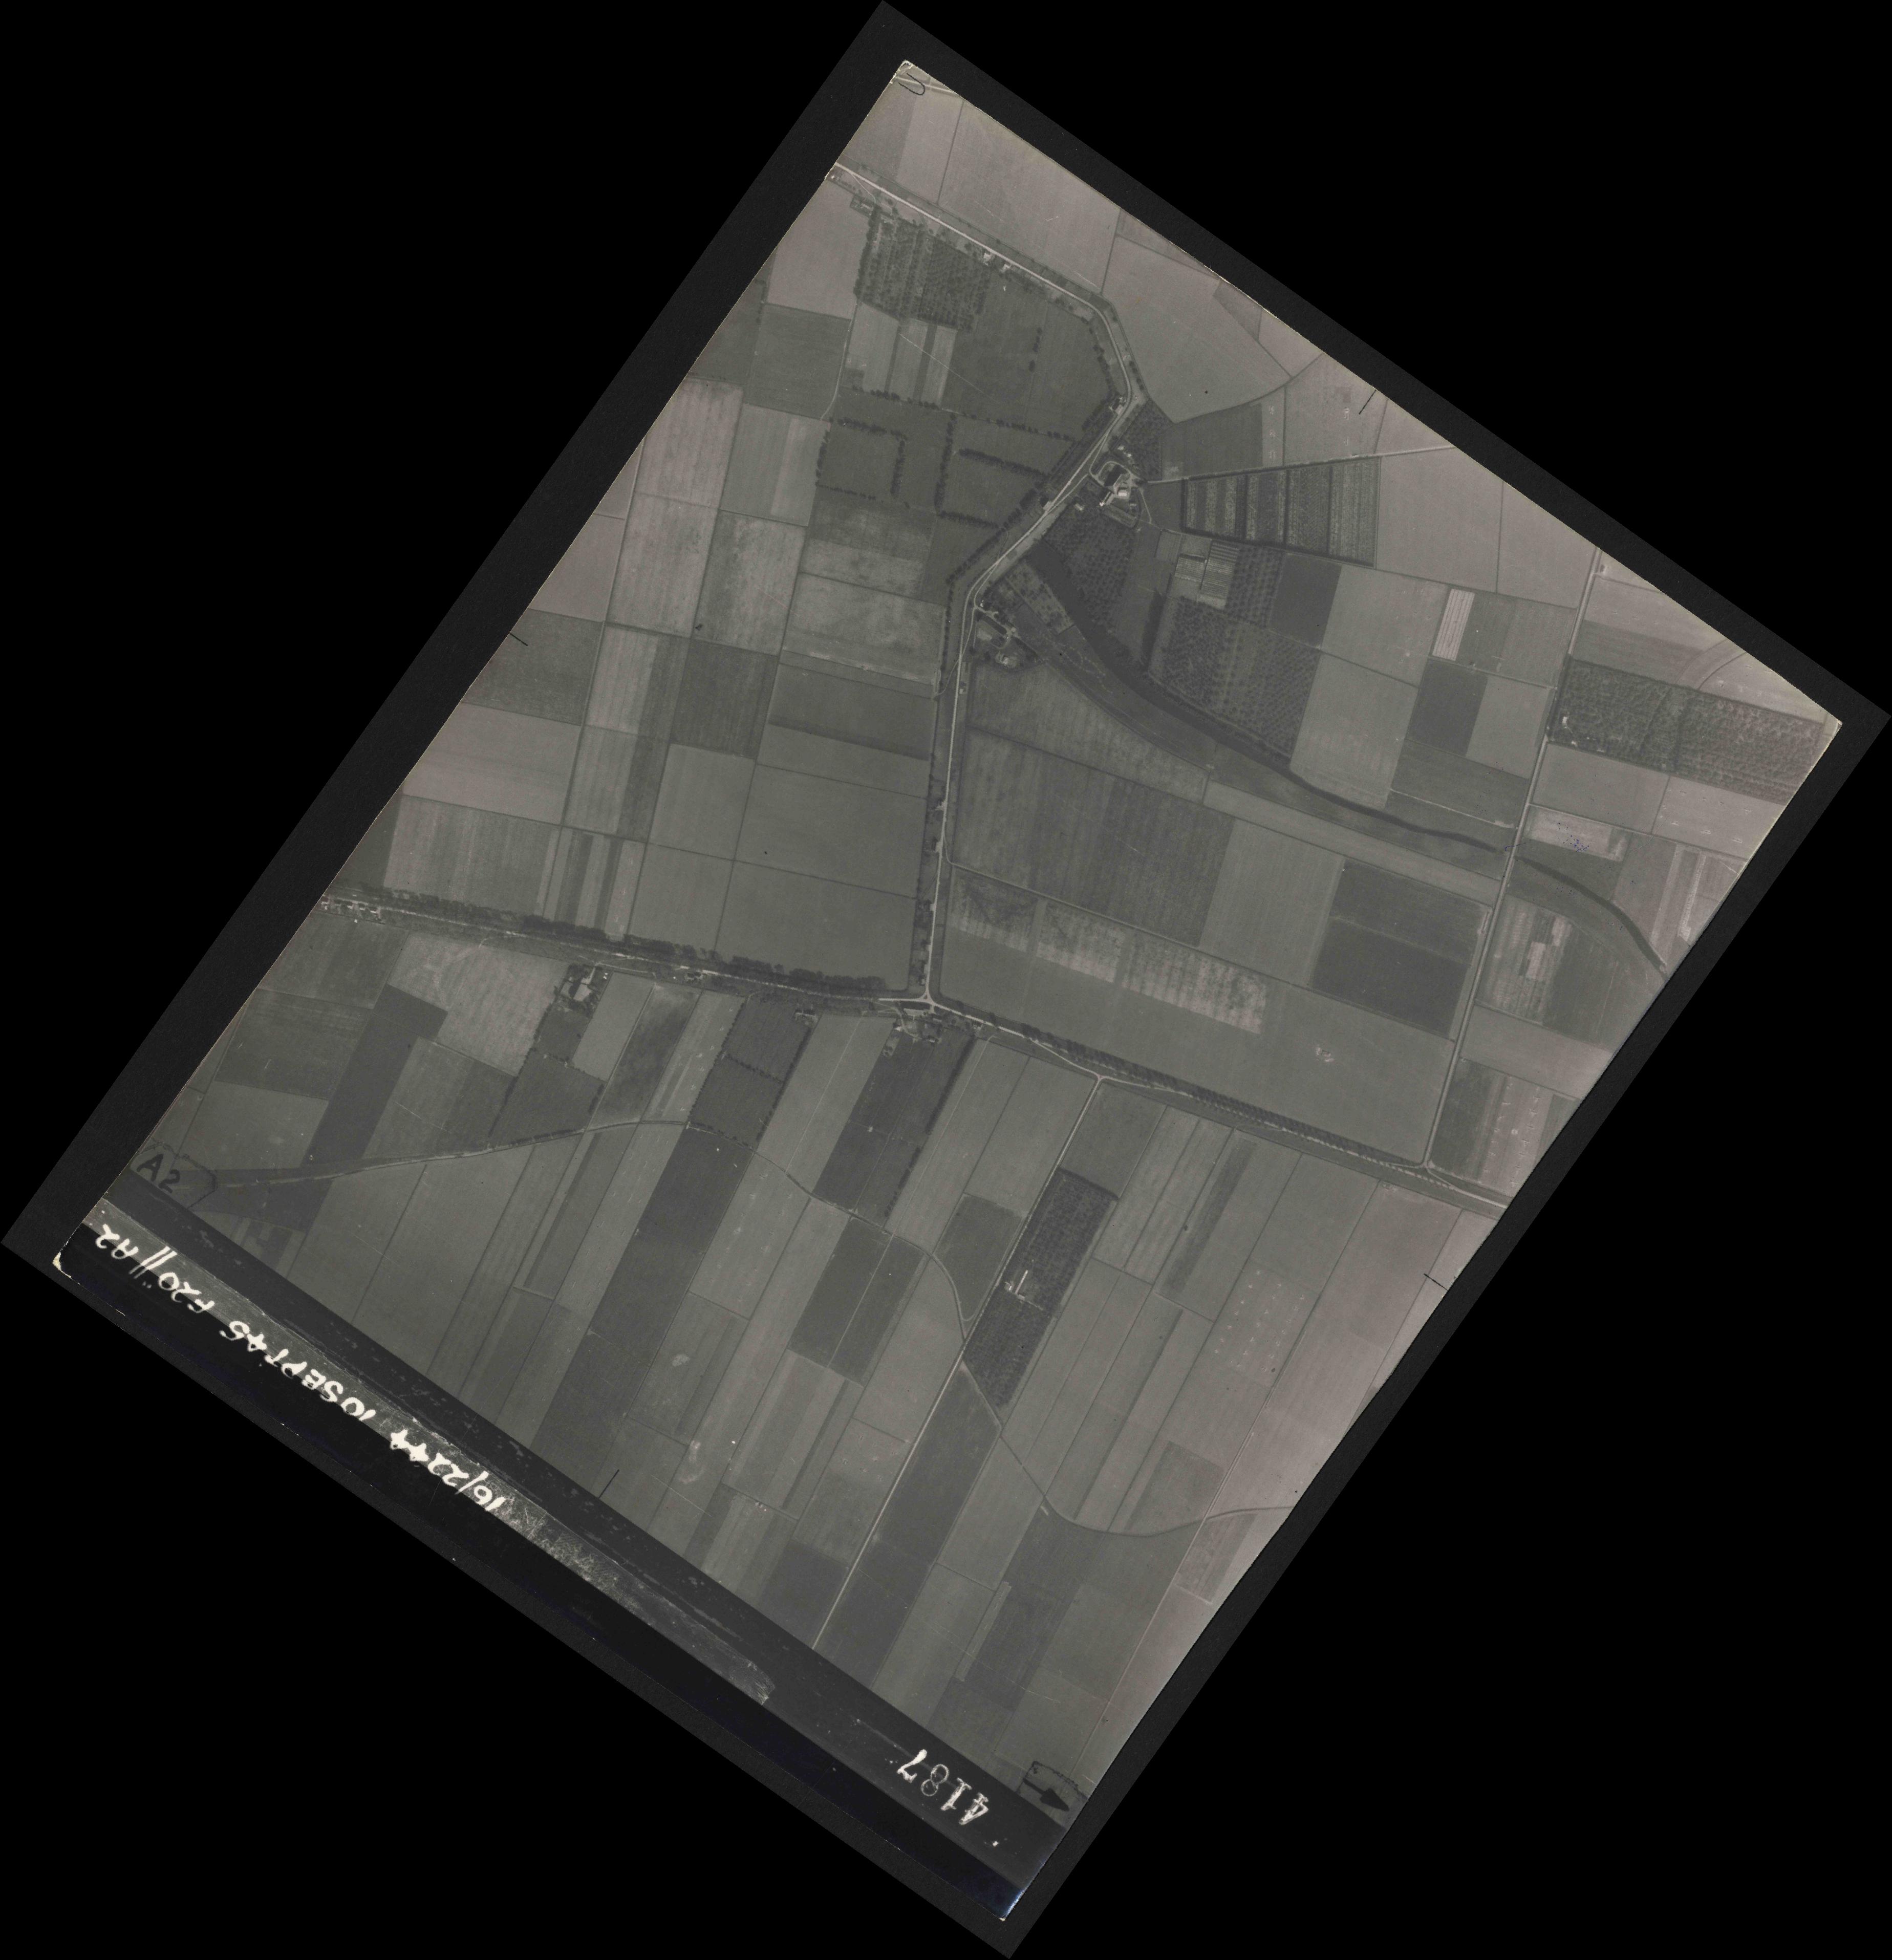 Collection RAF aerial photos 1940-1945 - flight 035, run 12, photo 4187